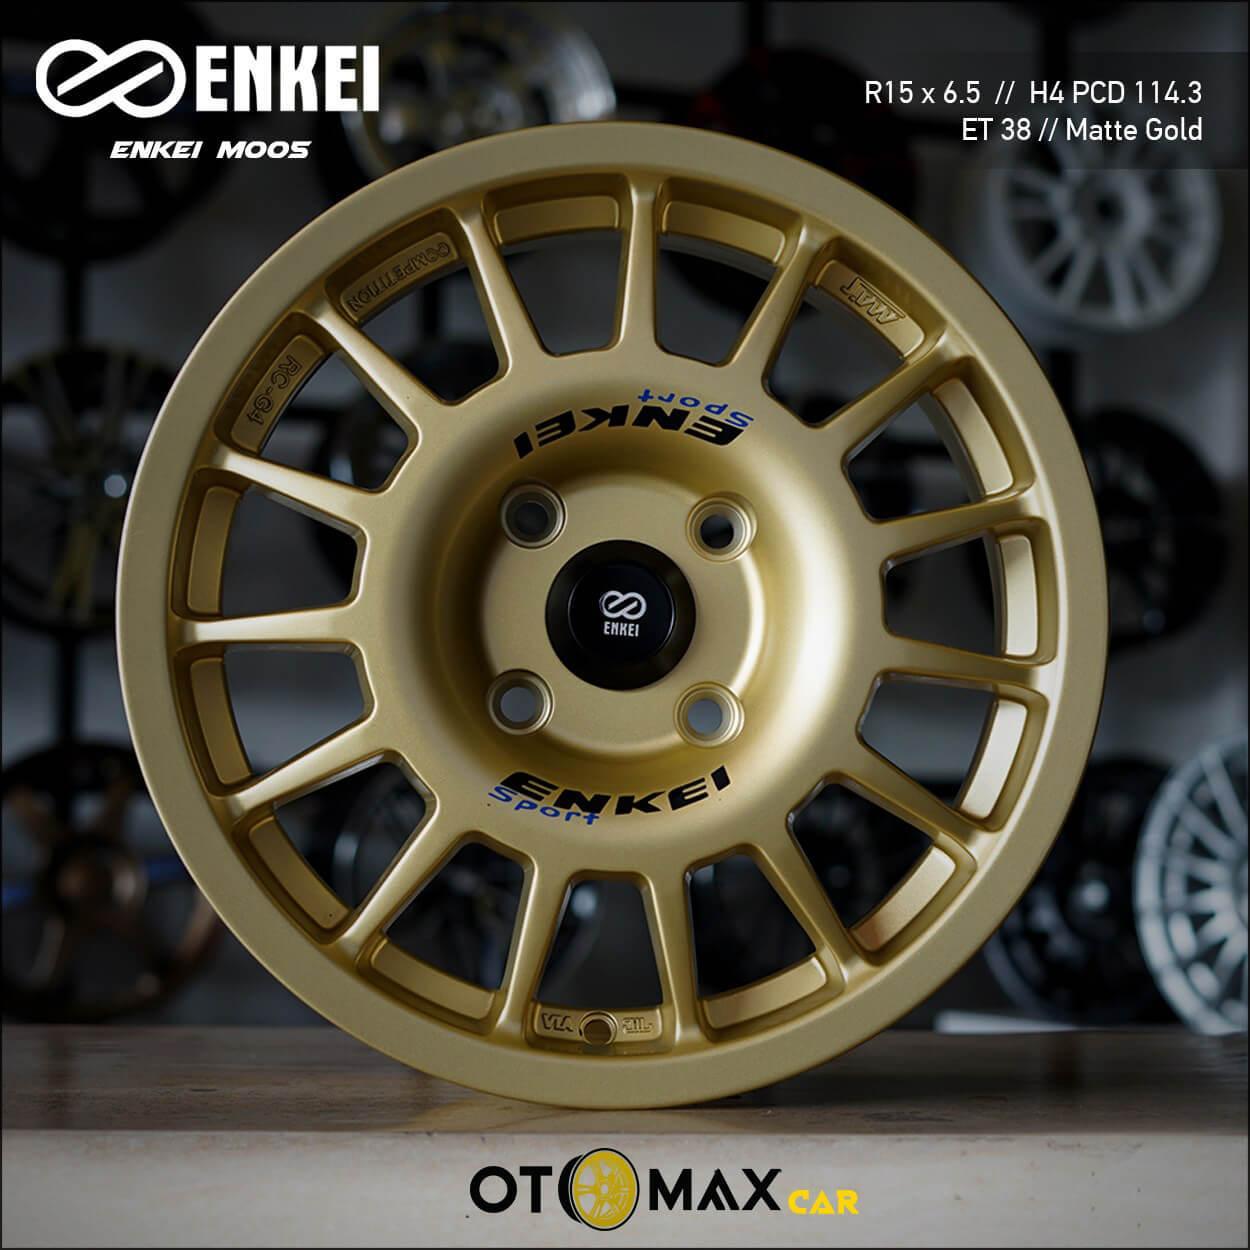 Velg Mobil Enkei M005 Ring 15 Matt Gold